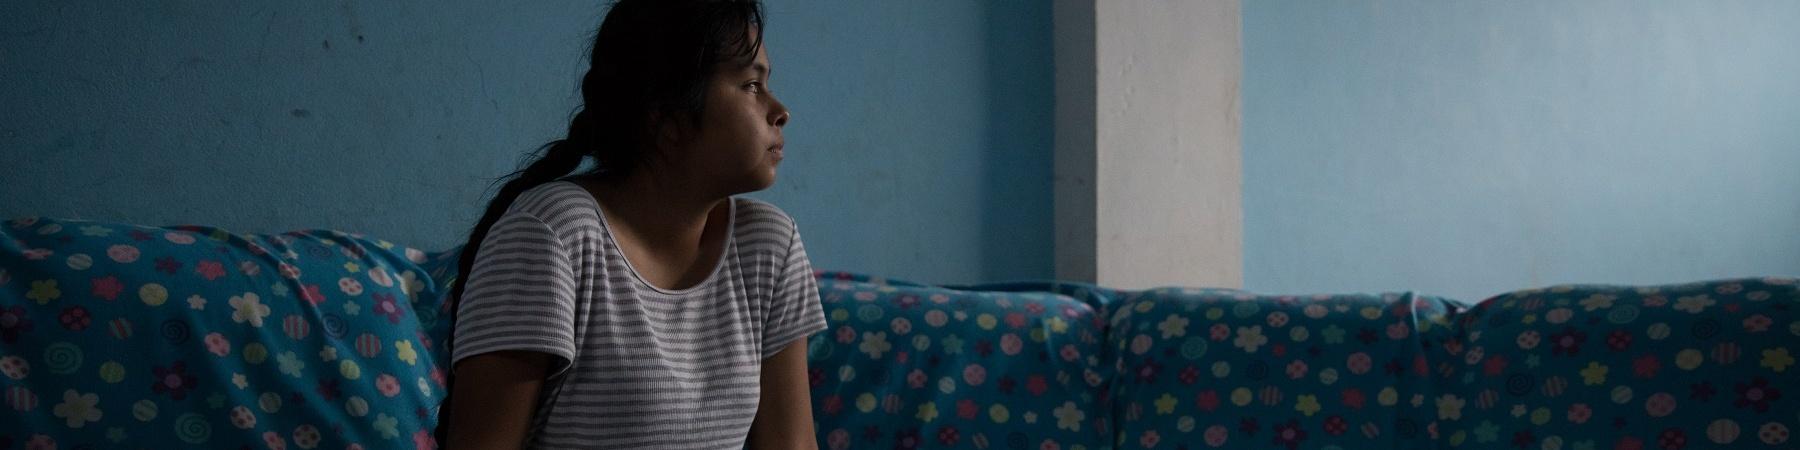 Ragazza in penombra di profilo seduta su un divano